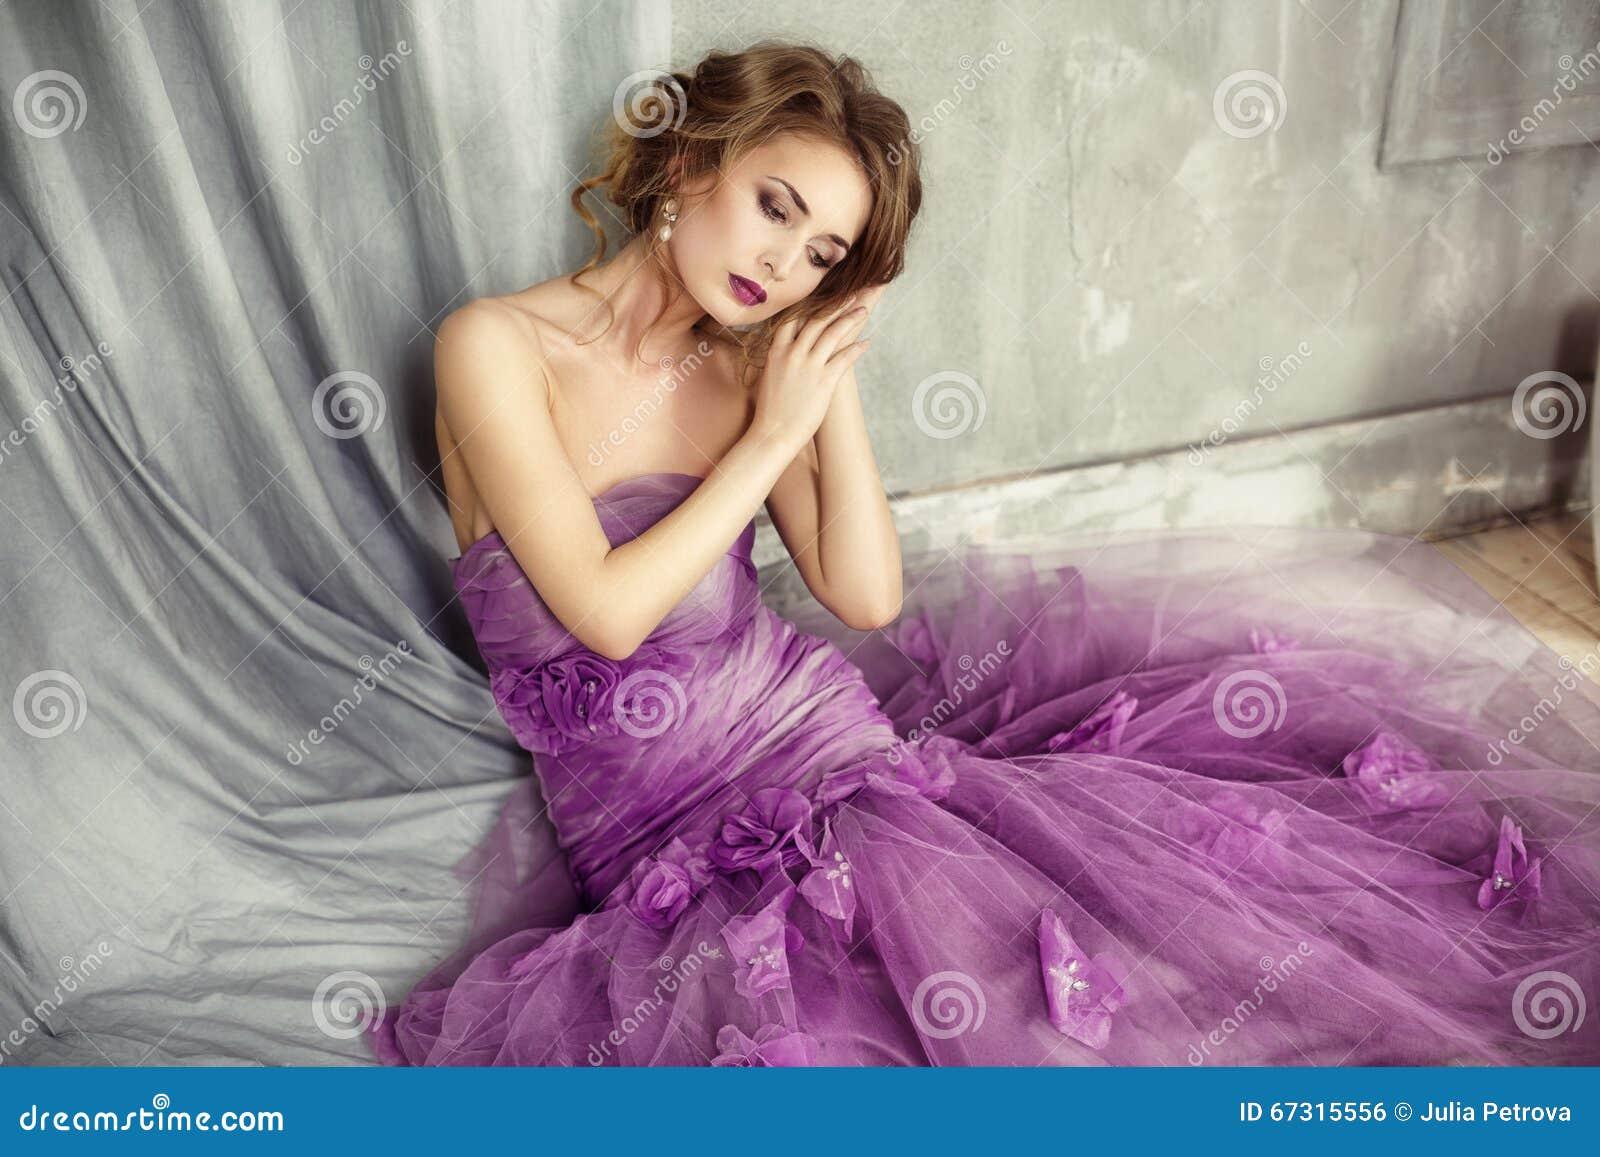 Porträt Der Romantischen Frau In Einem Lila Kleid Stockfoto